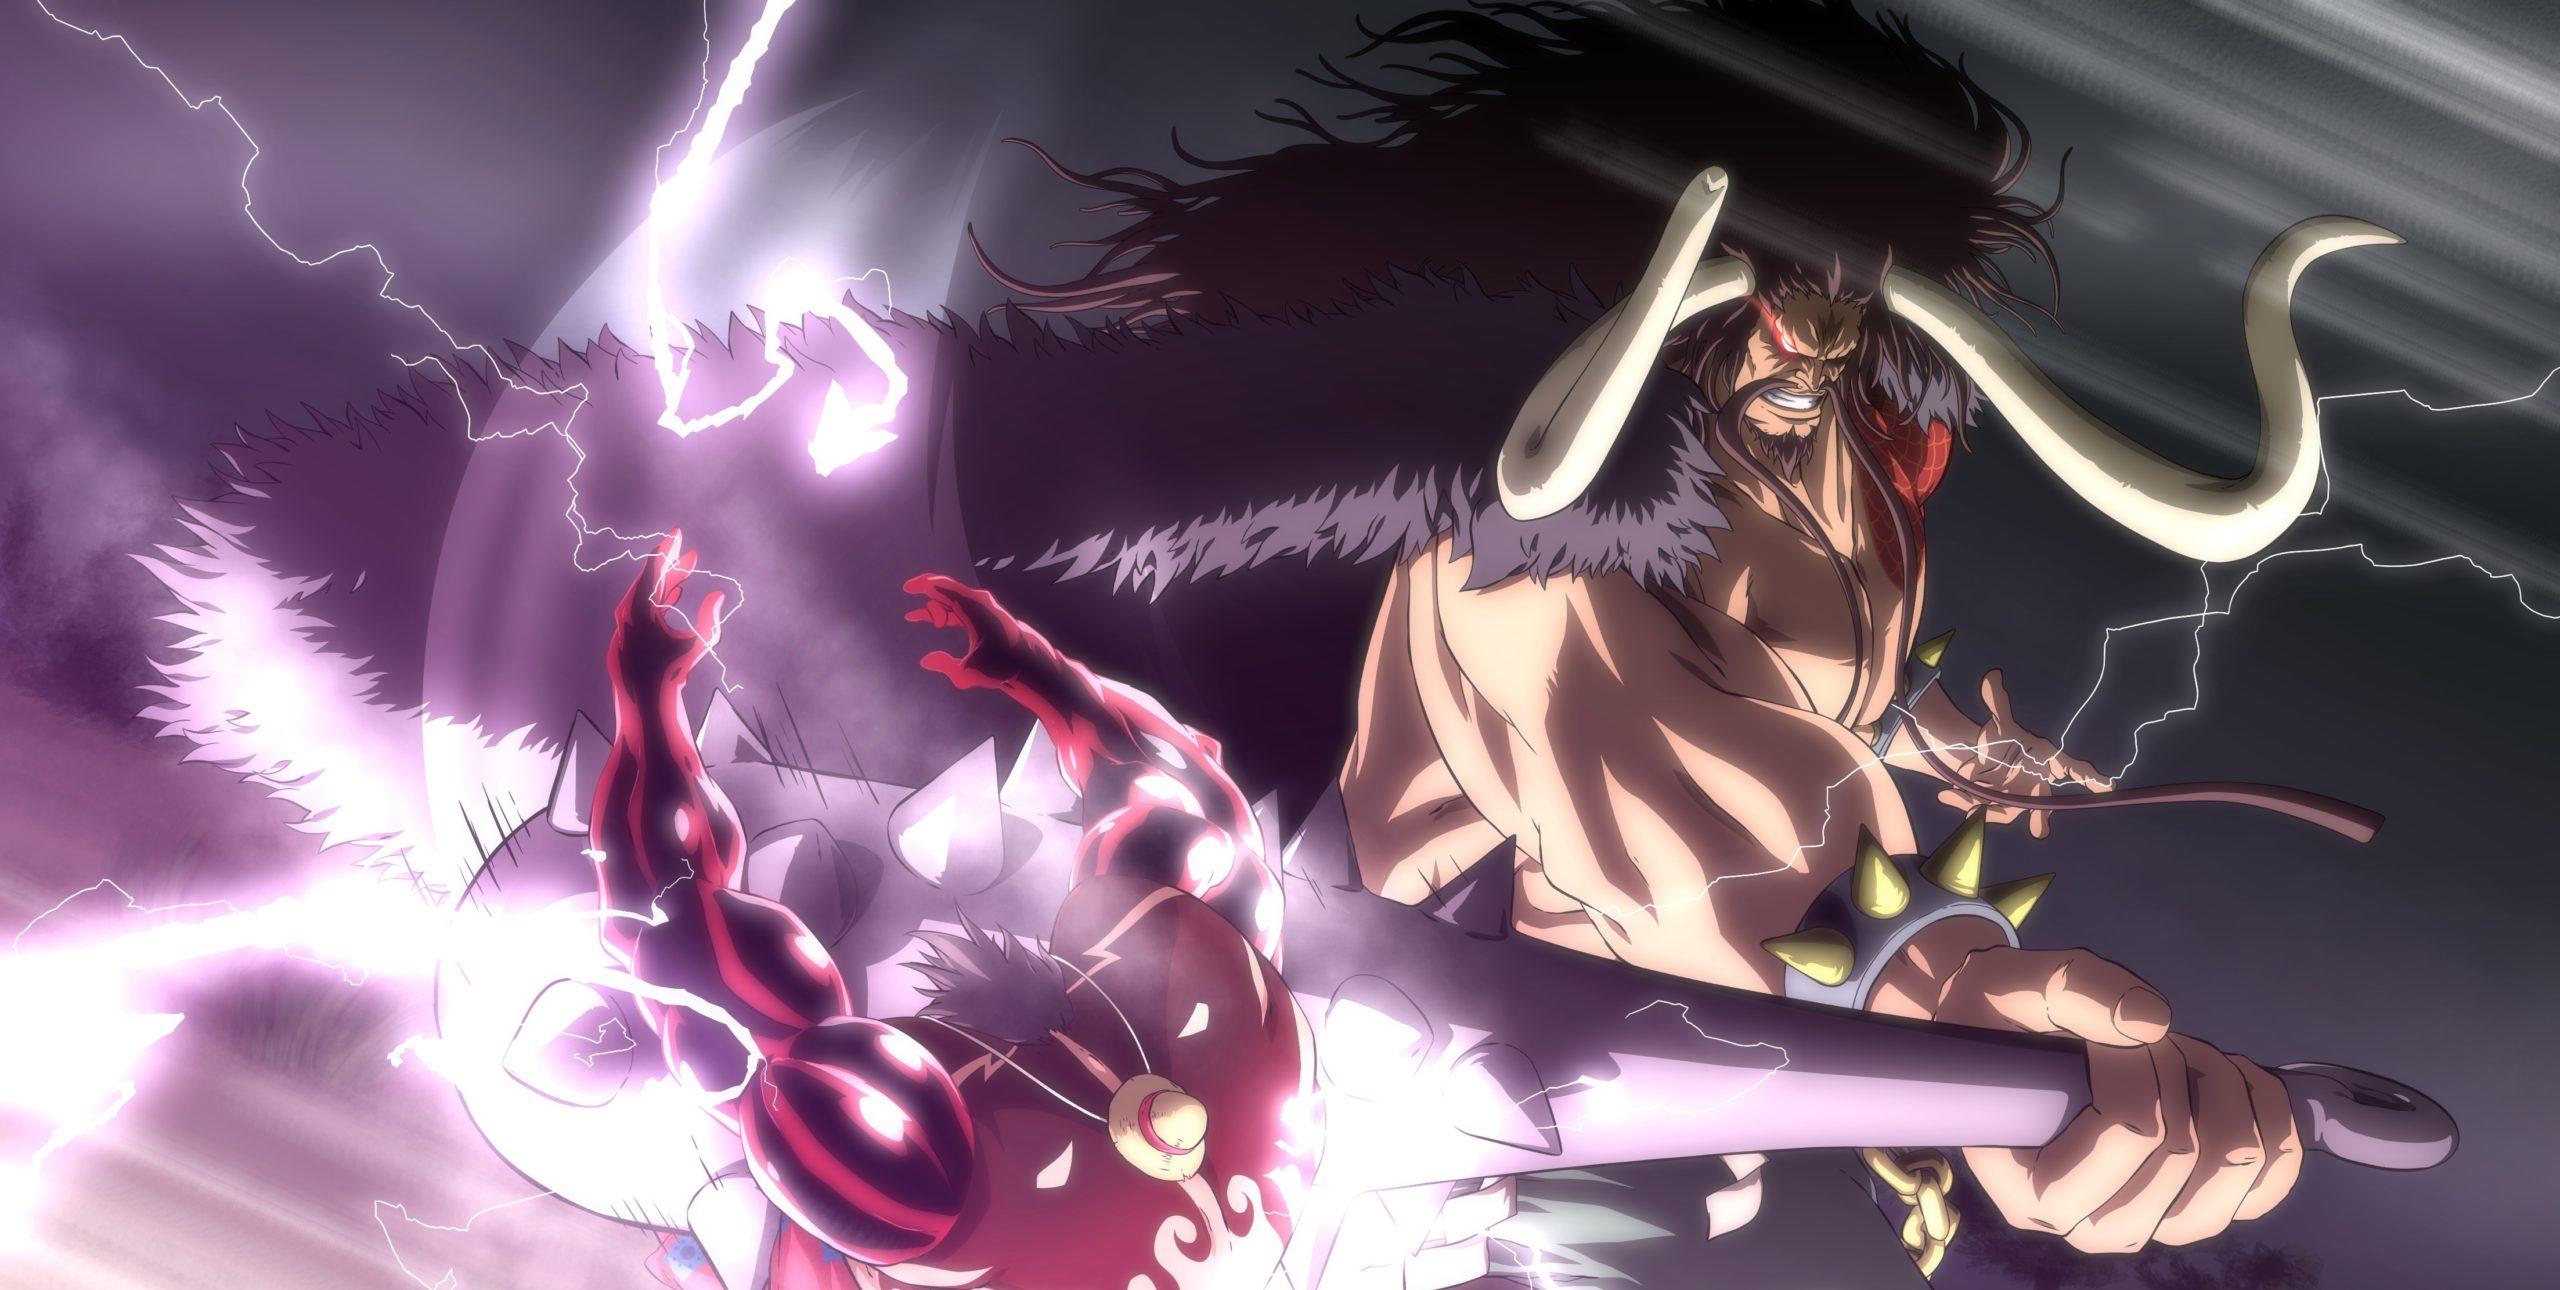 A maior bomba de One Piece se inicia no capítulo 979 - Uma aliança insana #SessãoSPOILER - VIVAOPLAY